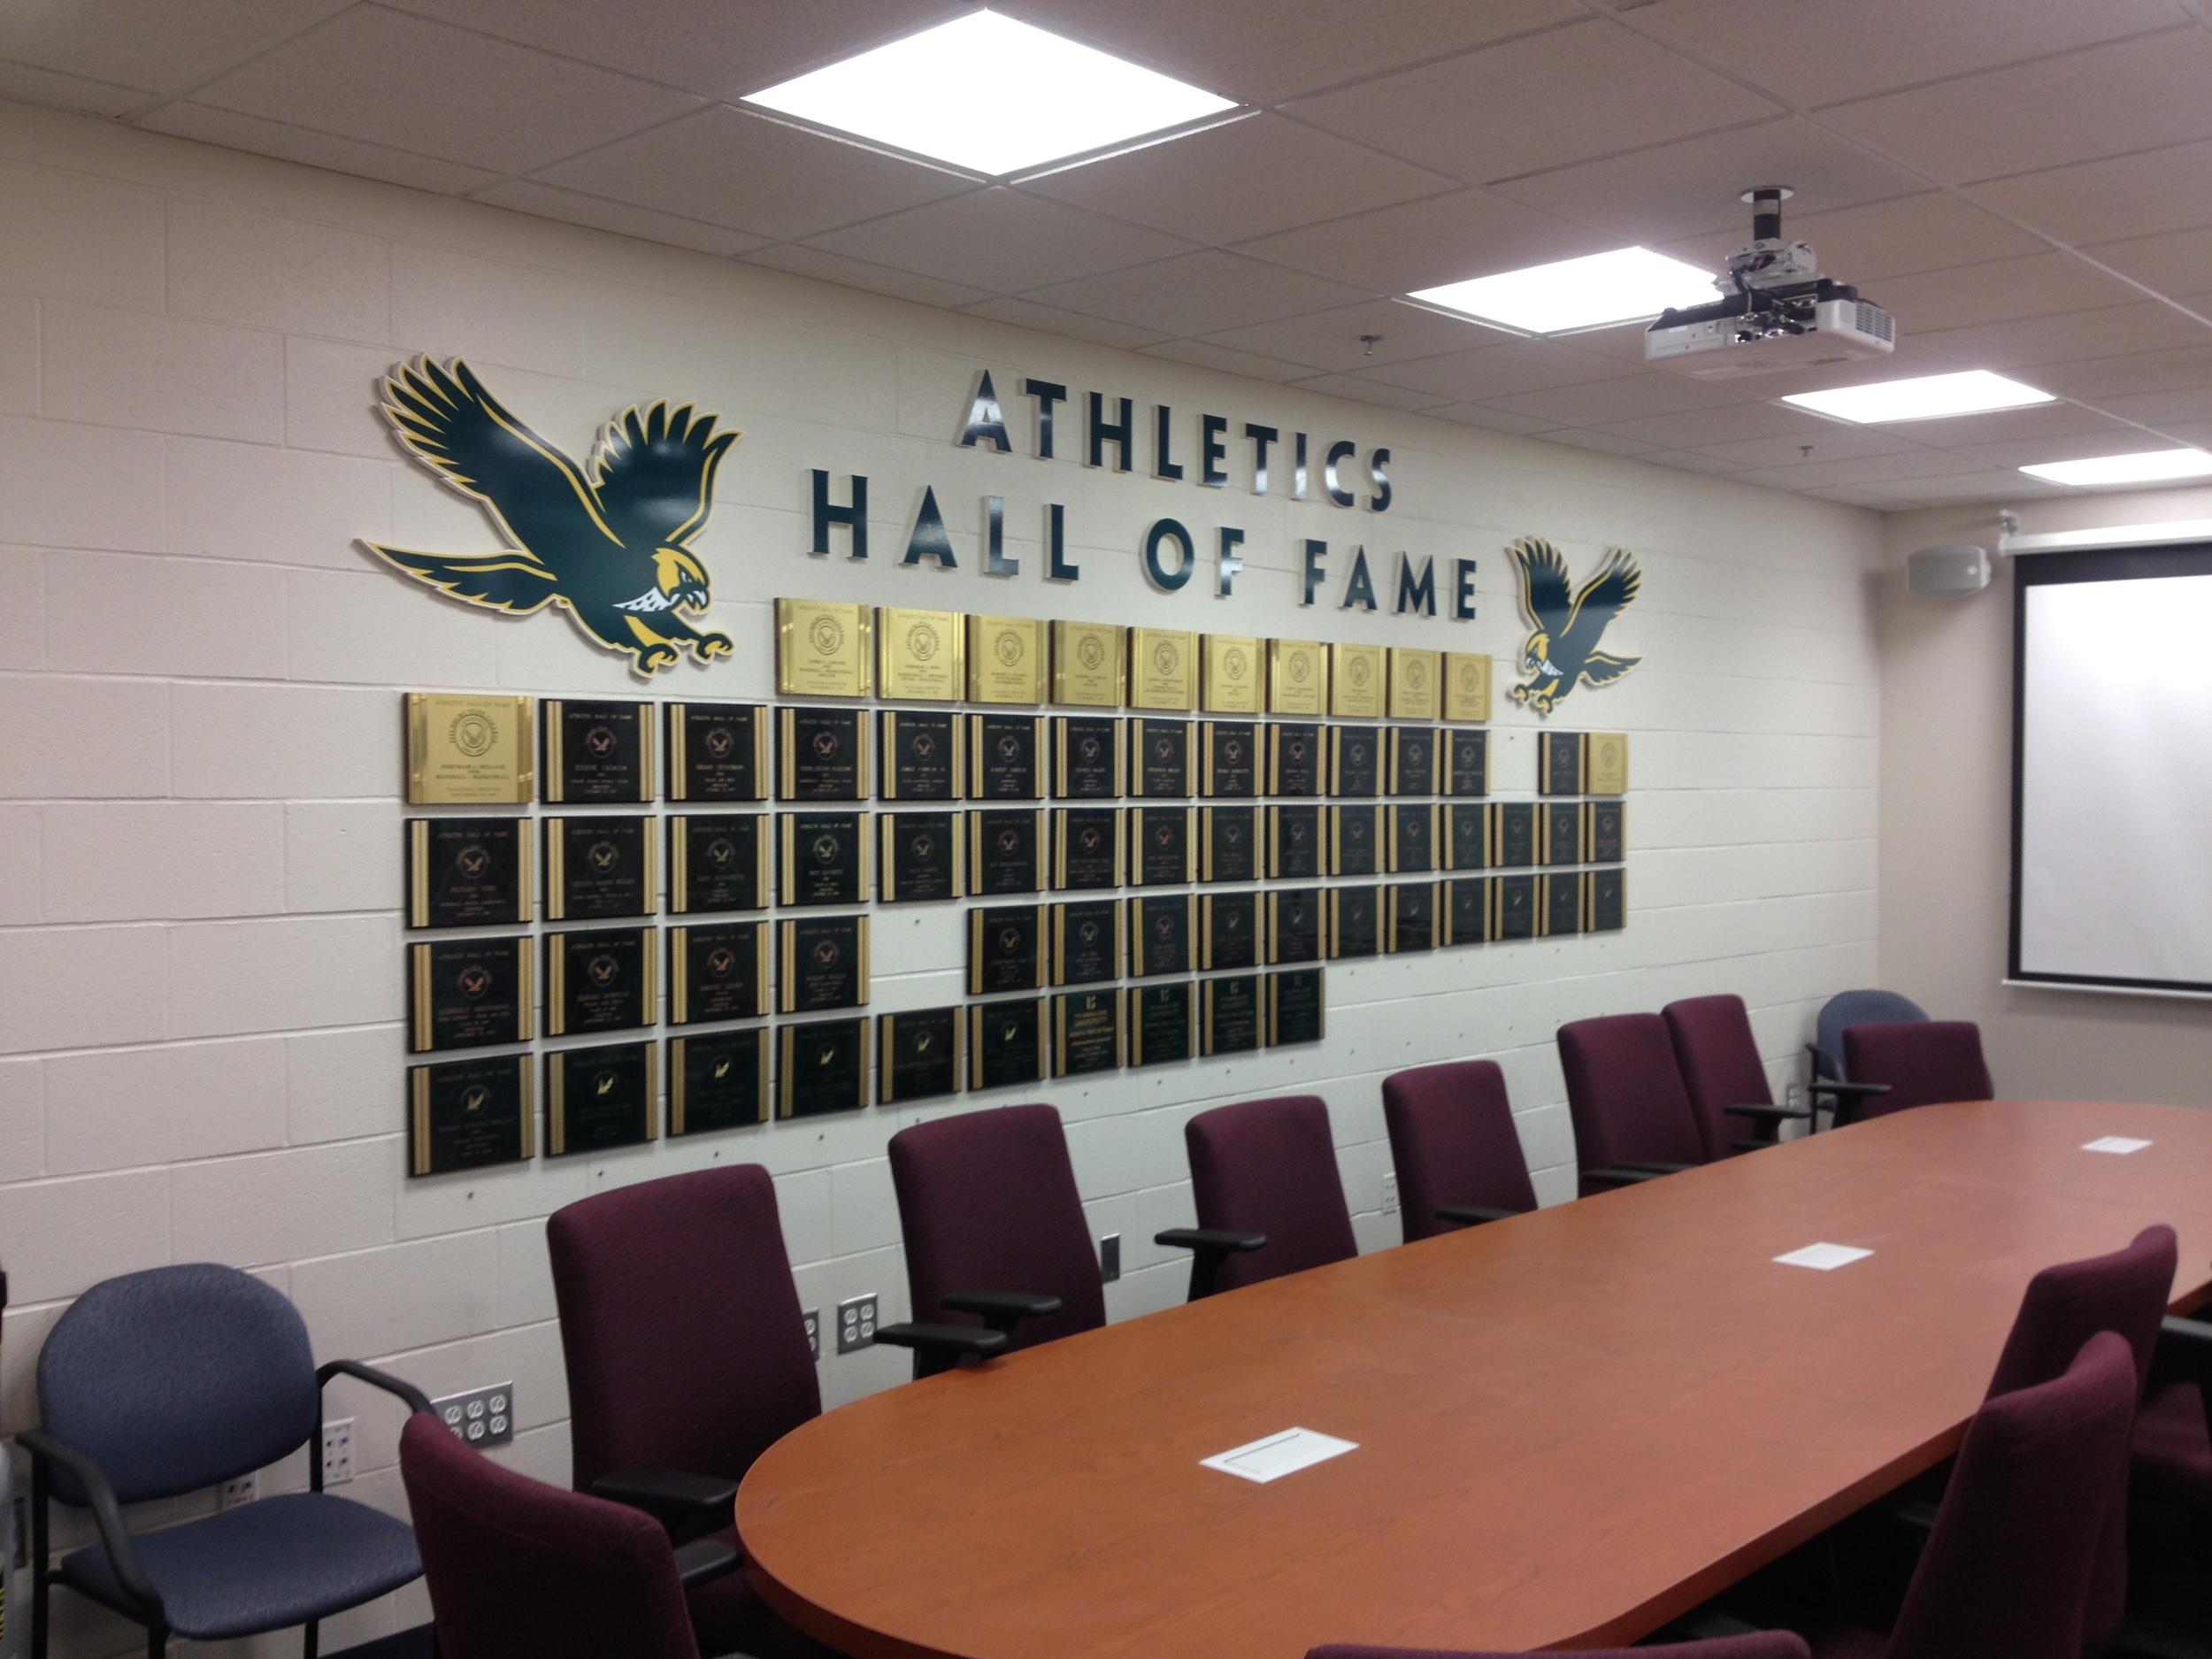 FSU Athletics Wall of Fame.JPG